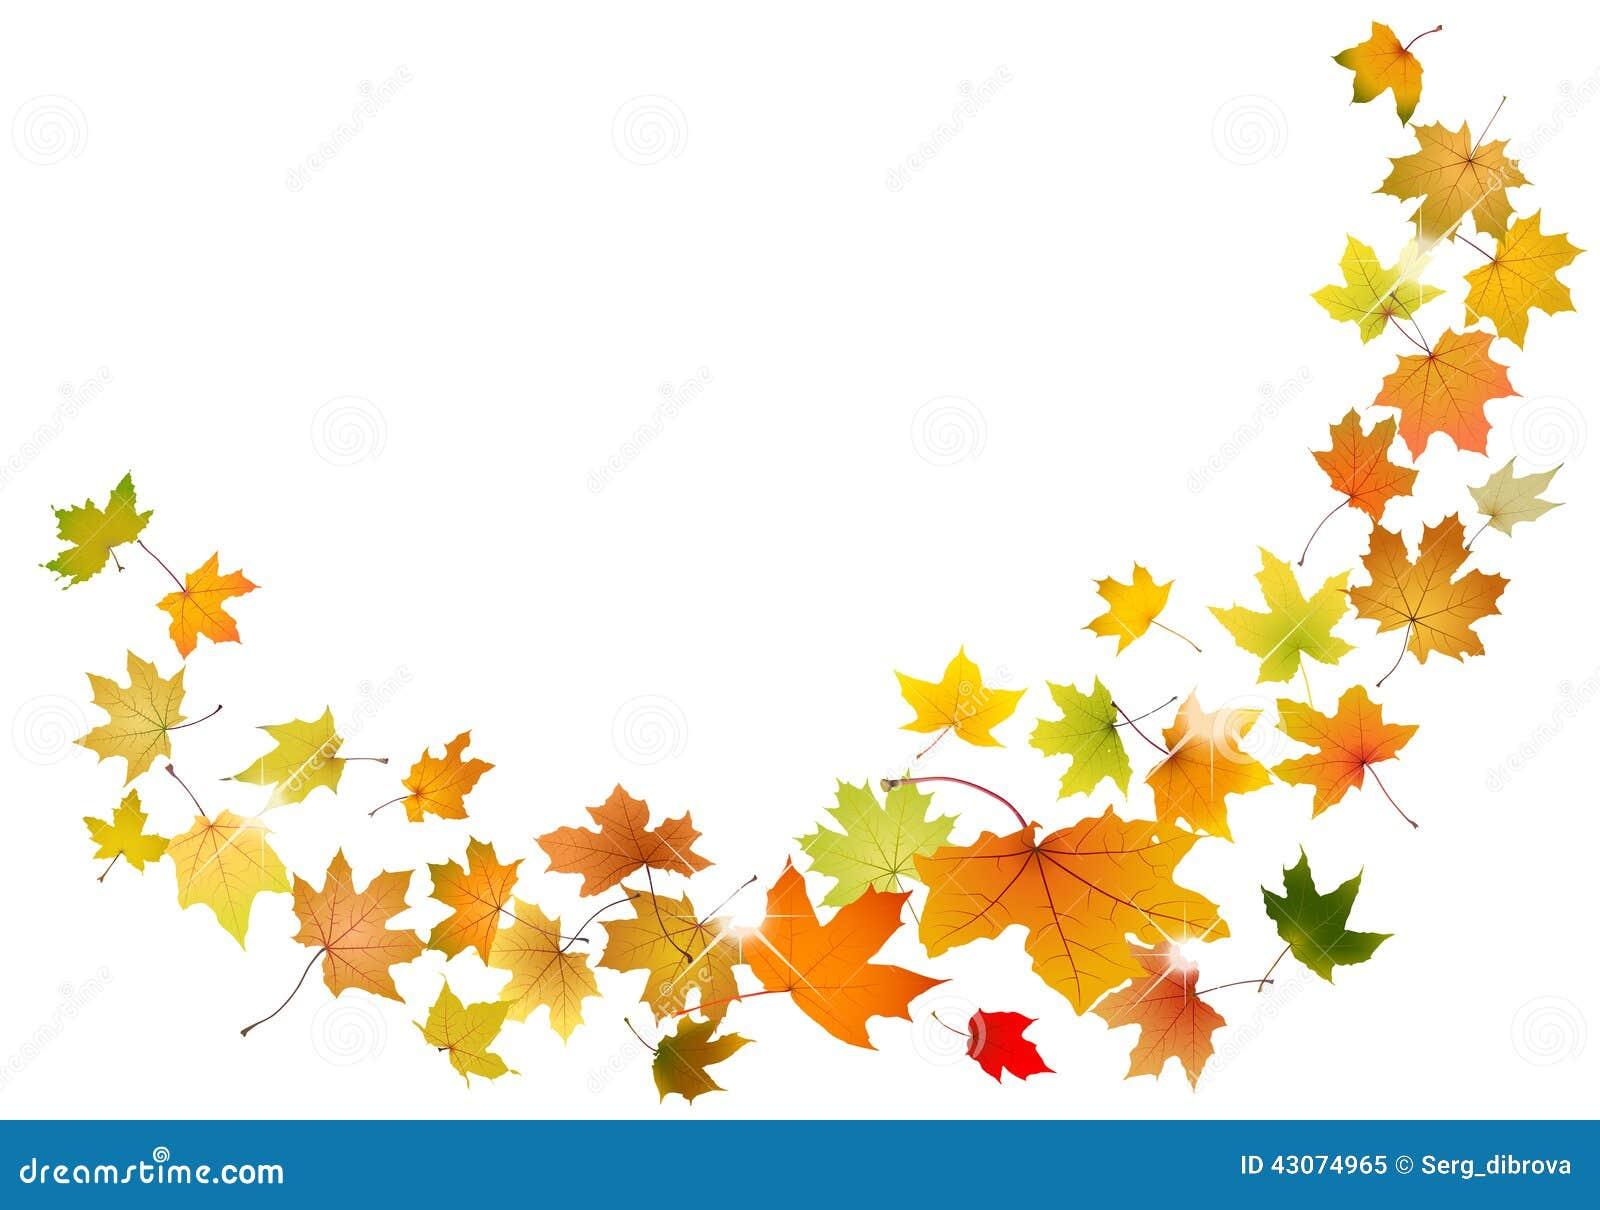 Caduta delle foglie di acero illustrazione vettoriale - Caduta fogli di colore stampabili ...